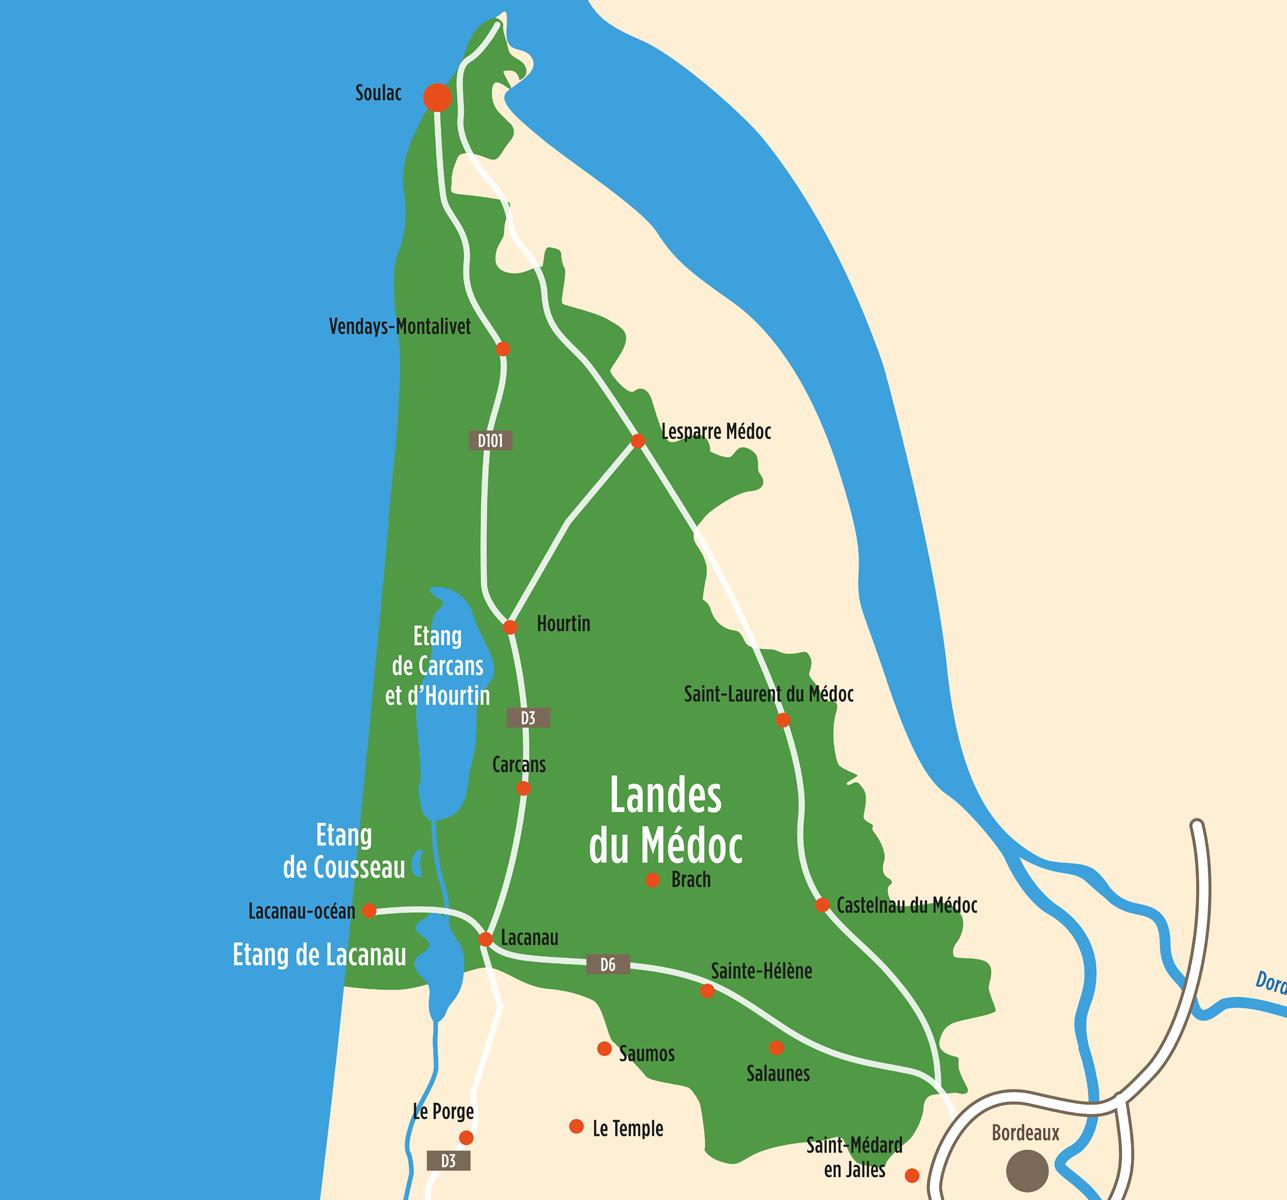 Landes du Médoc